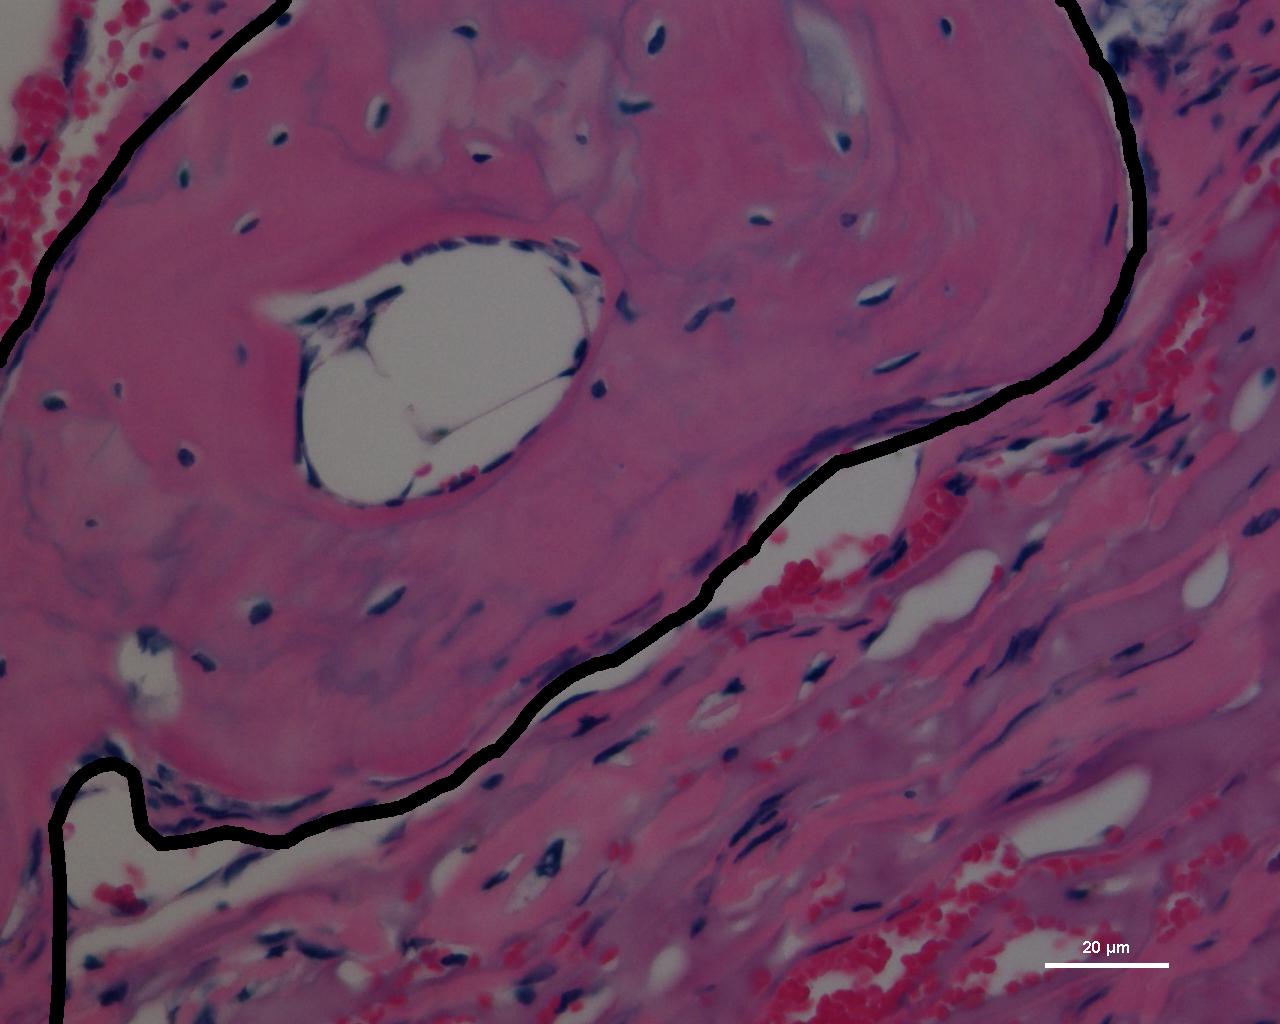 Stem Cell Growing Surface Enables Bone Repair